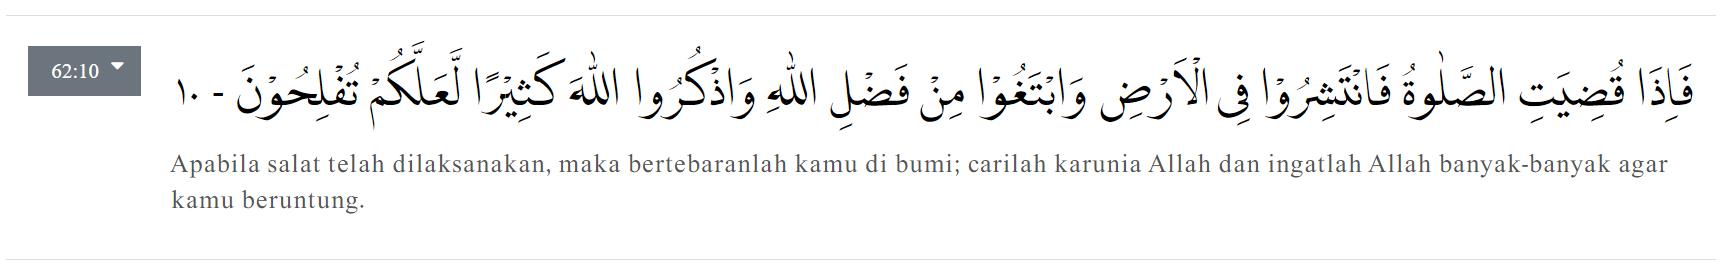 Al-Jumuah ayat 10 Kewirausahaan